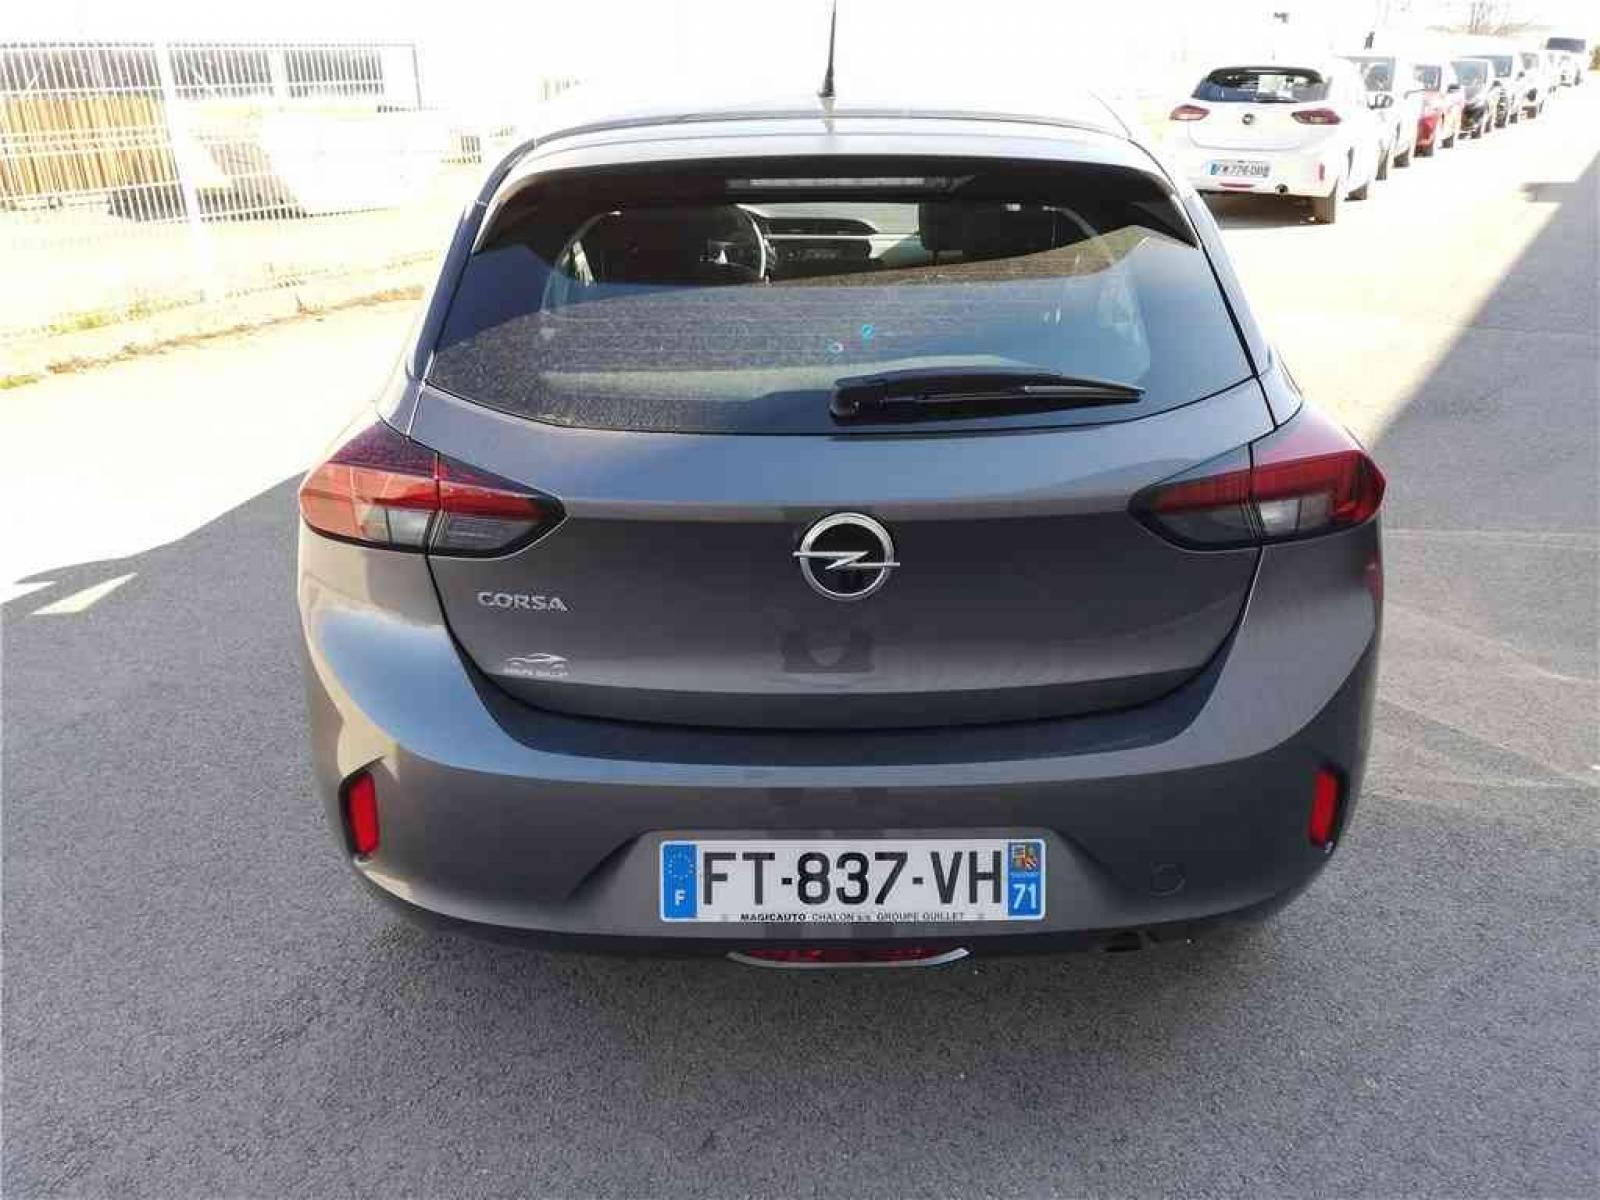 OPEL Corsa 1.2 75 ch BVM5 - véhicule d'occasion - Groupe Guillet - Opel Magicauto - Montceau-les-Mines - 71300 - Montceau-les-Mines - 27